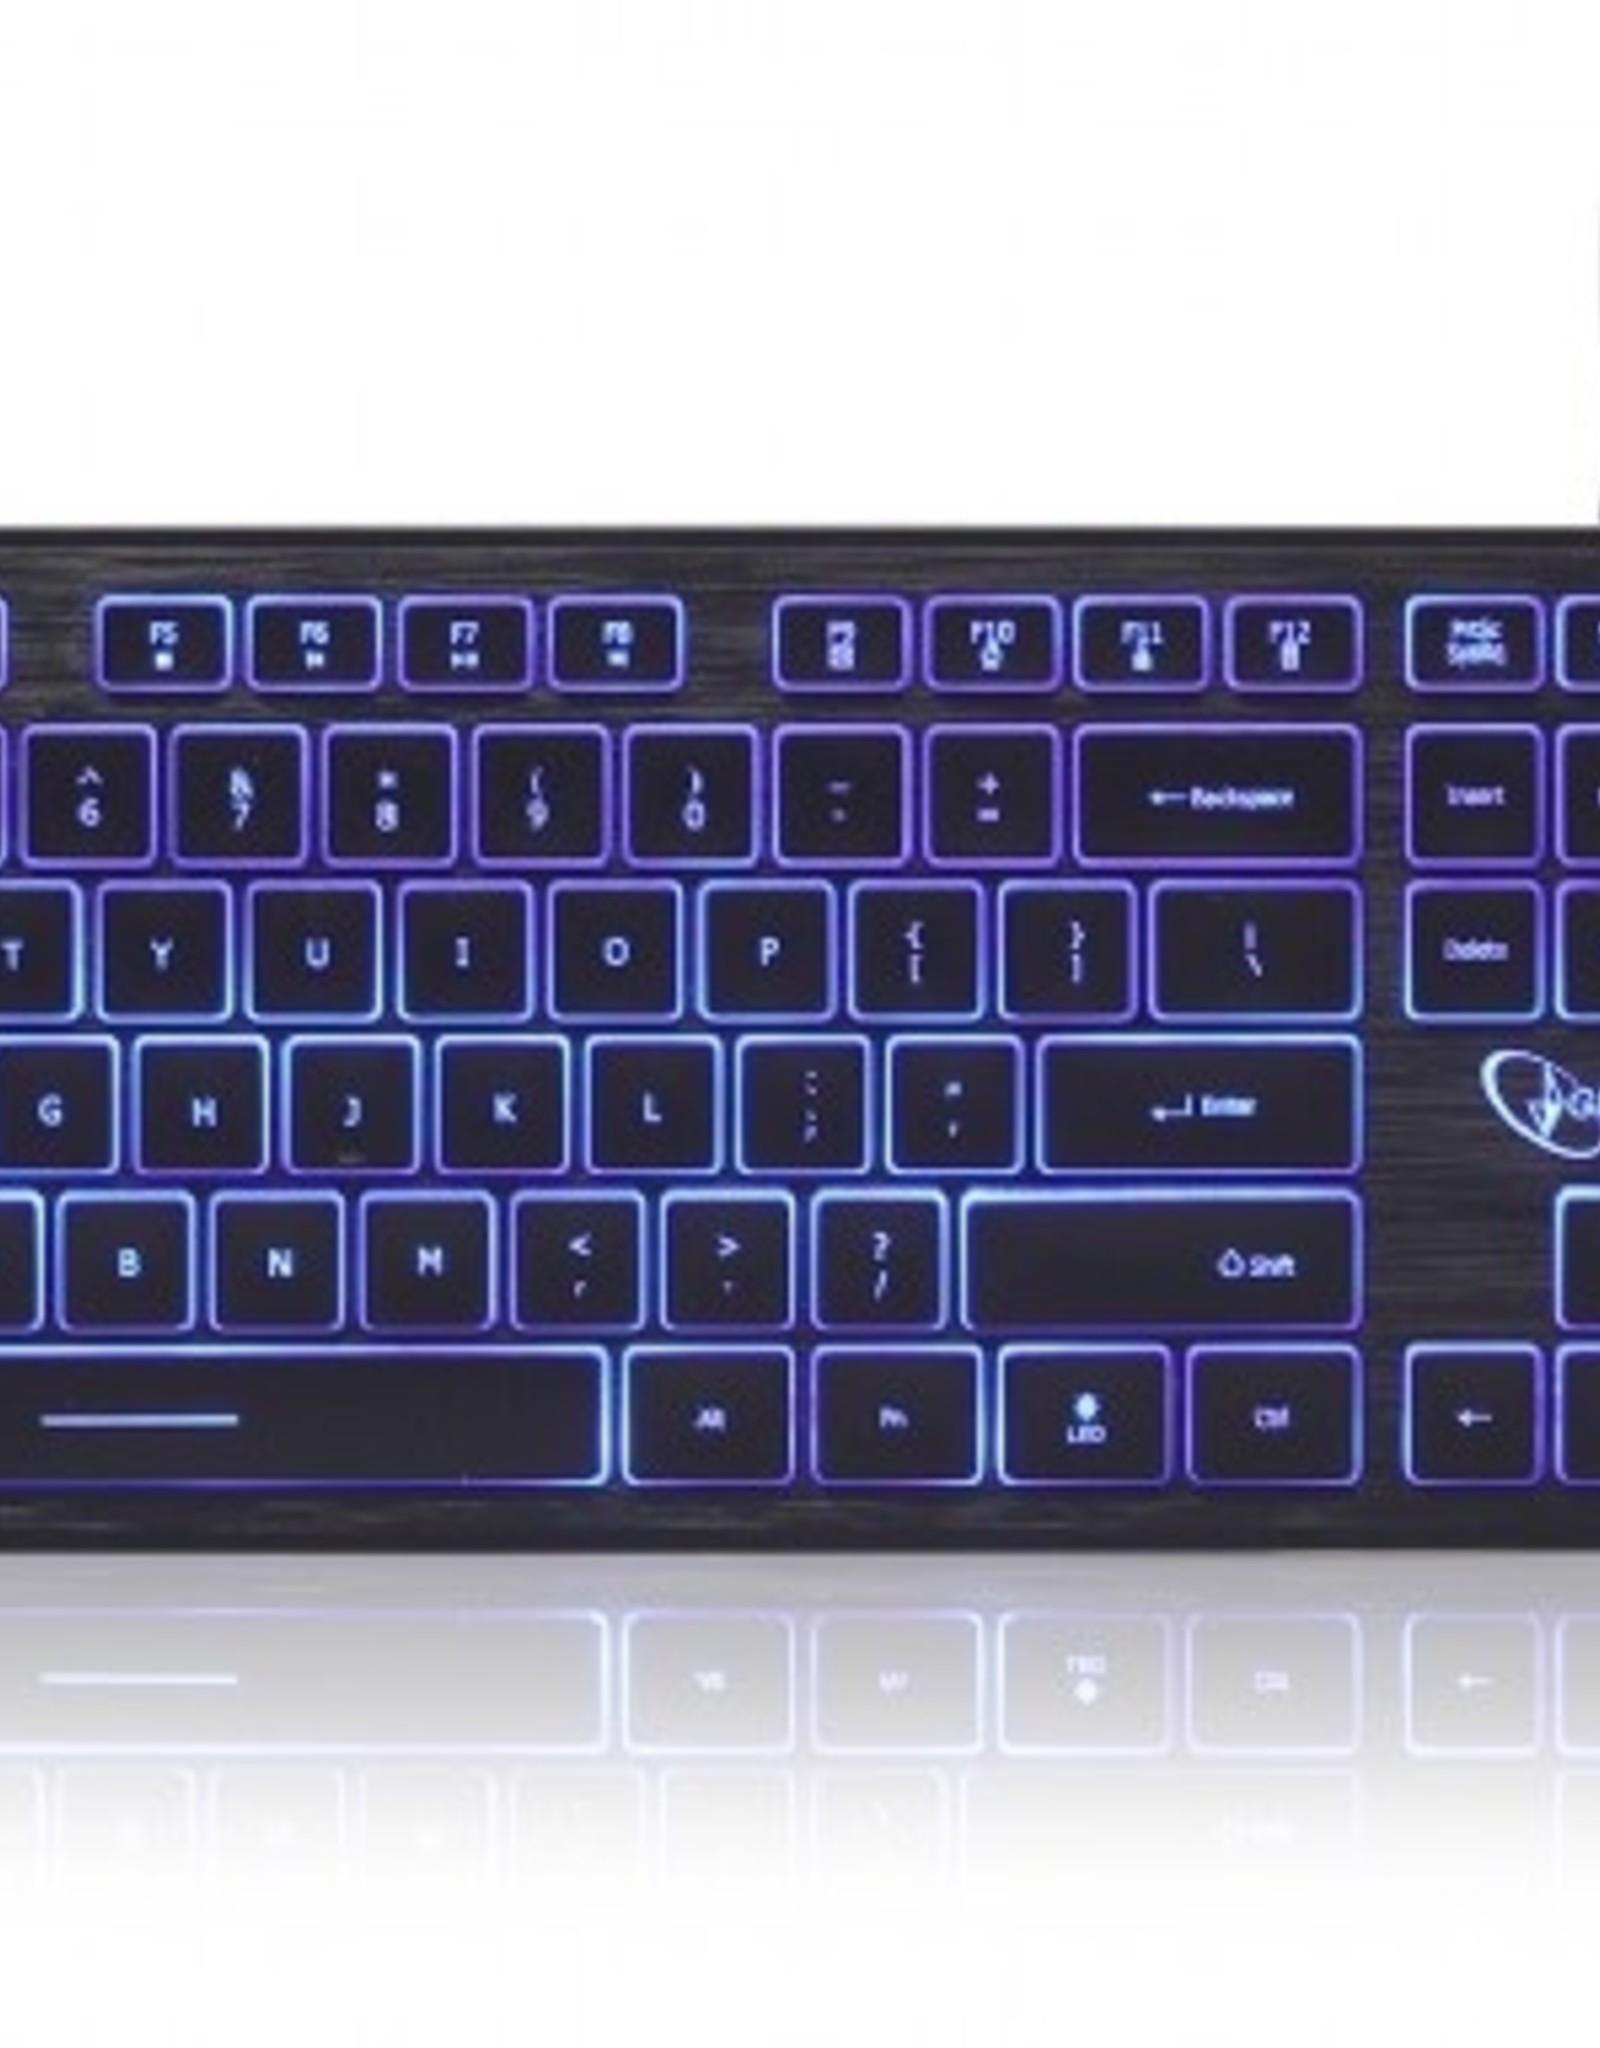 Gembird Multimedia toetsenbord (zwart) met BackLight - 3 verschillenden kleuren